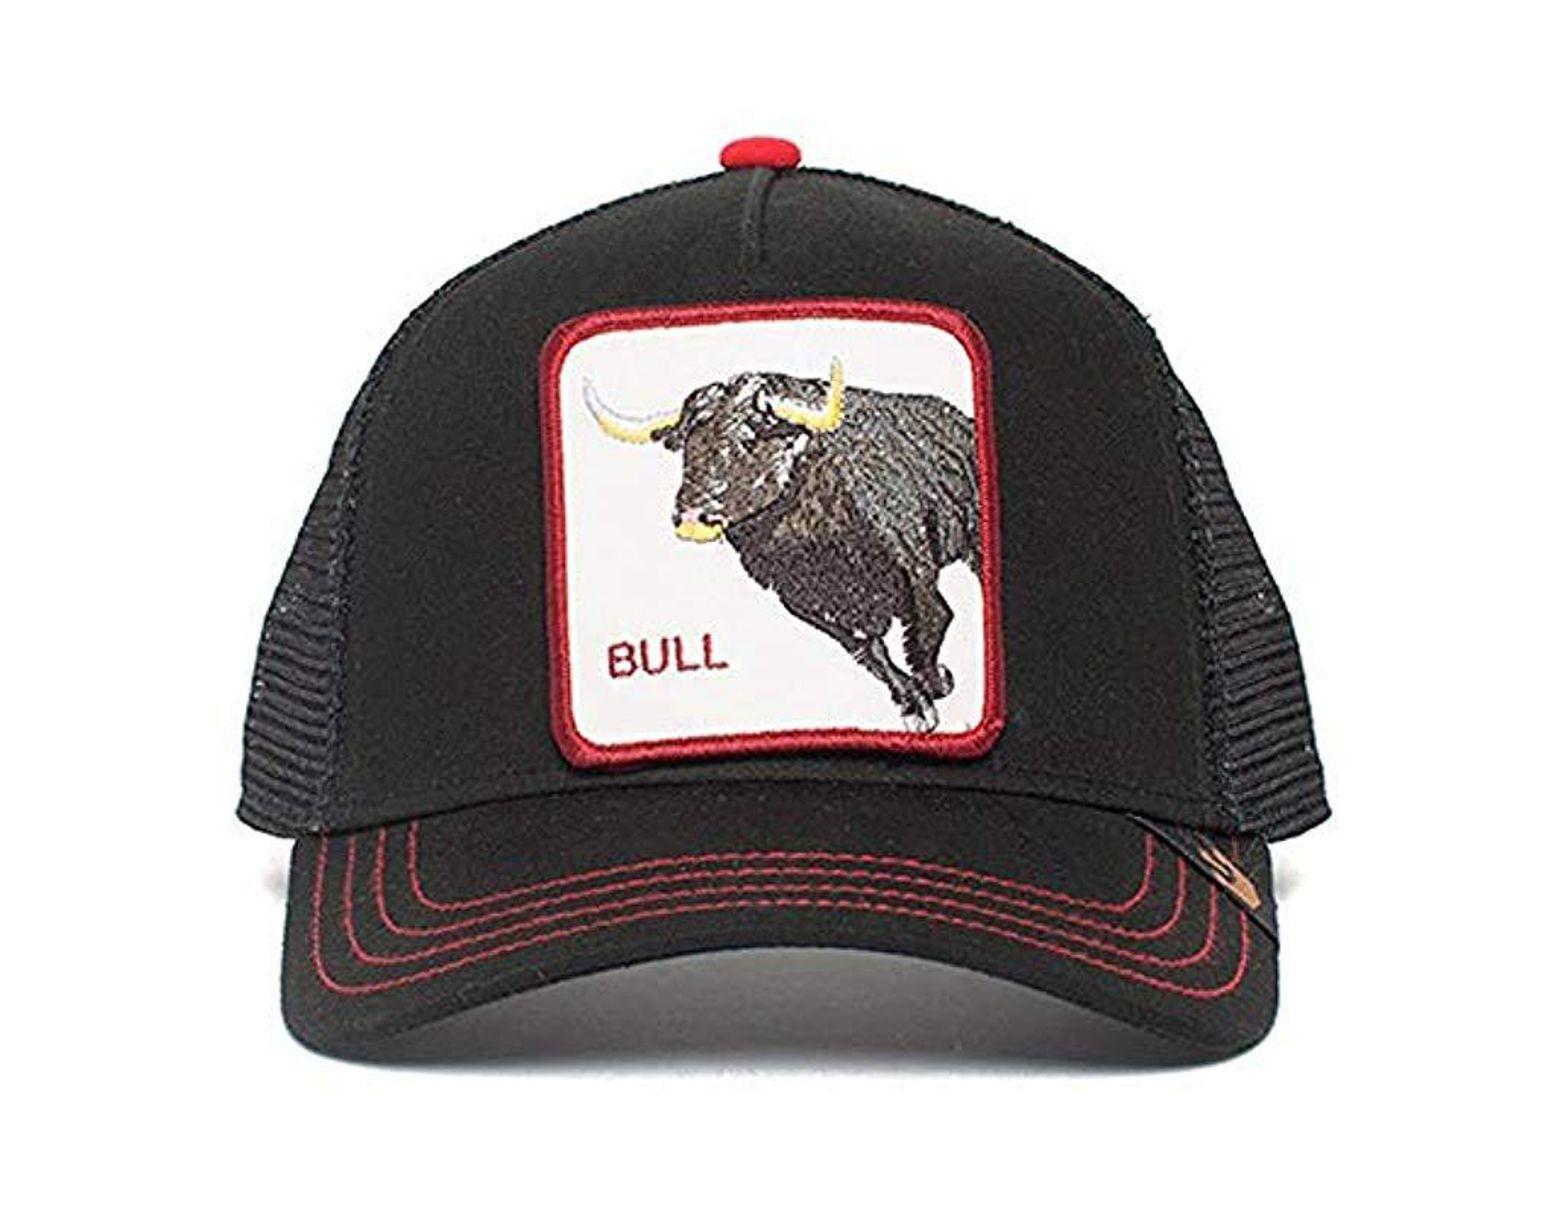 2a348fed Goorin Bros Animal Farm Trucker Hat in Black for Men - Save 9% - Lyst